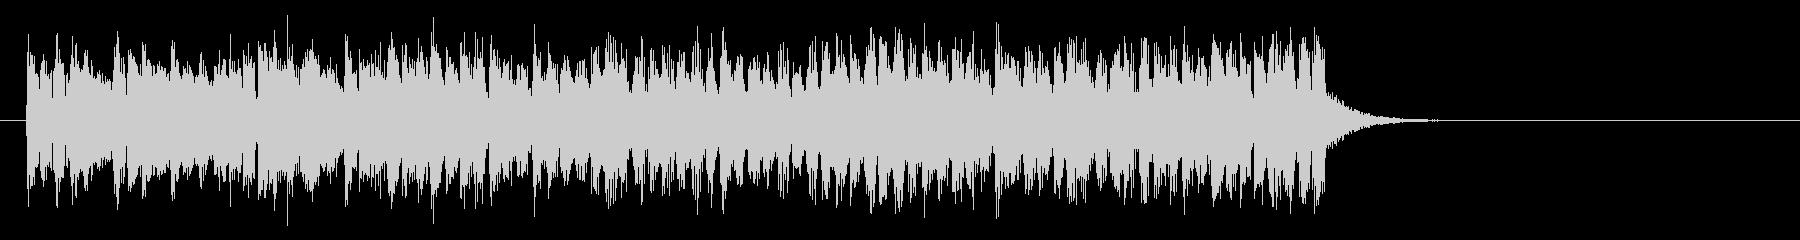 元気なヒューマンポップス(イントロ)の未再生の波形